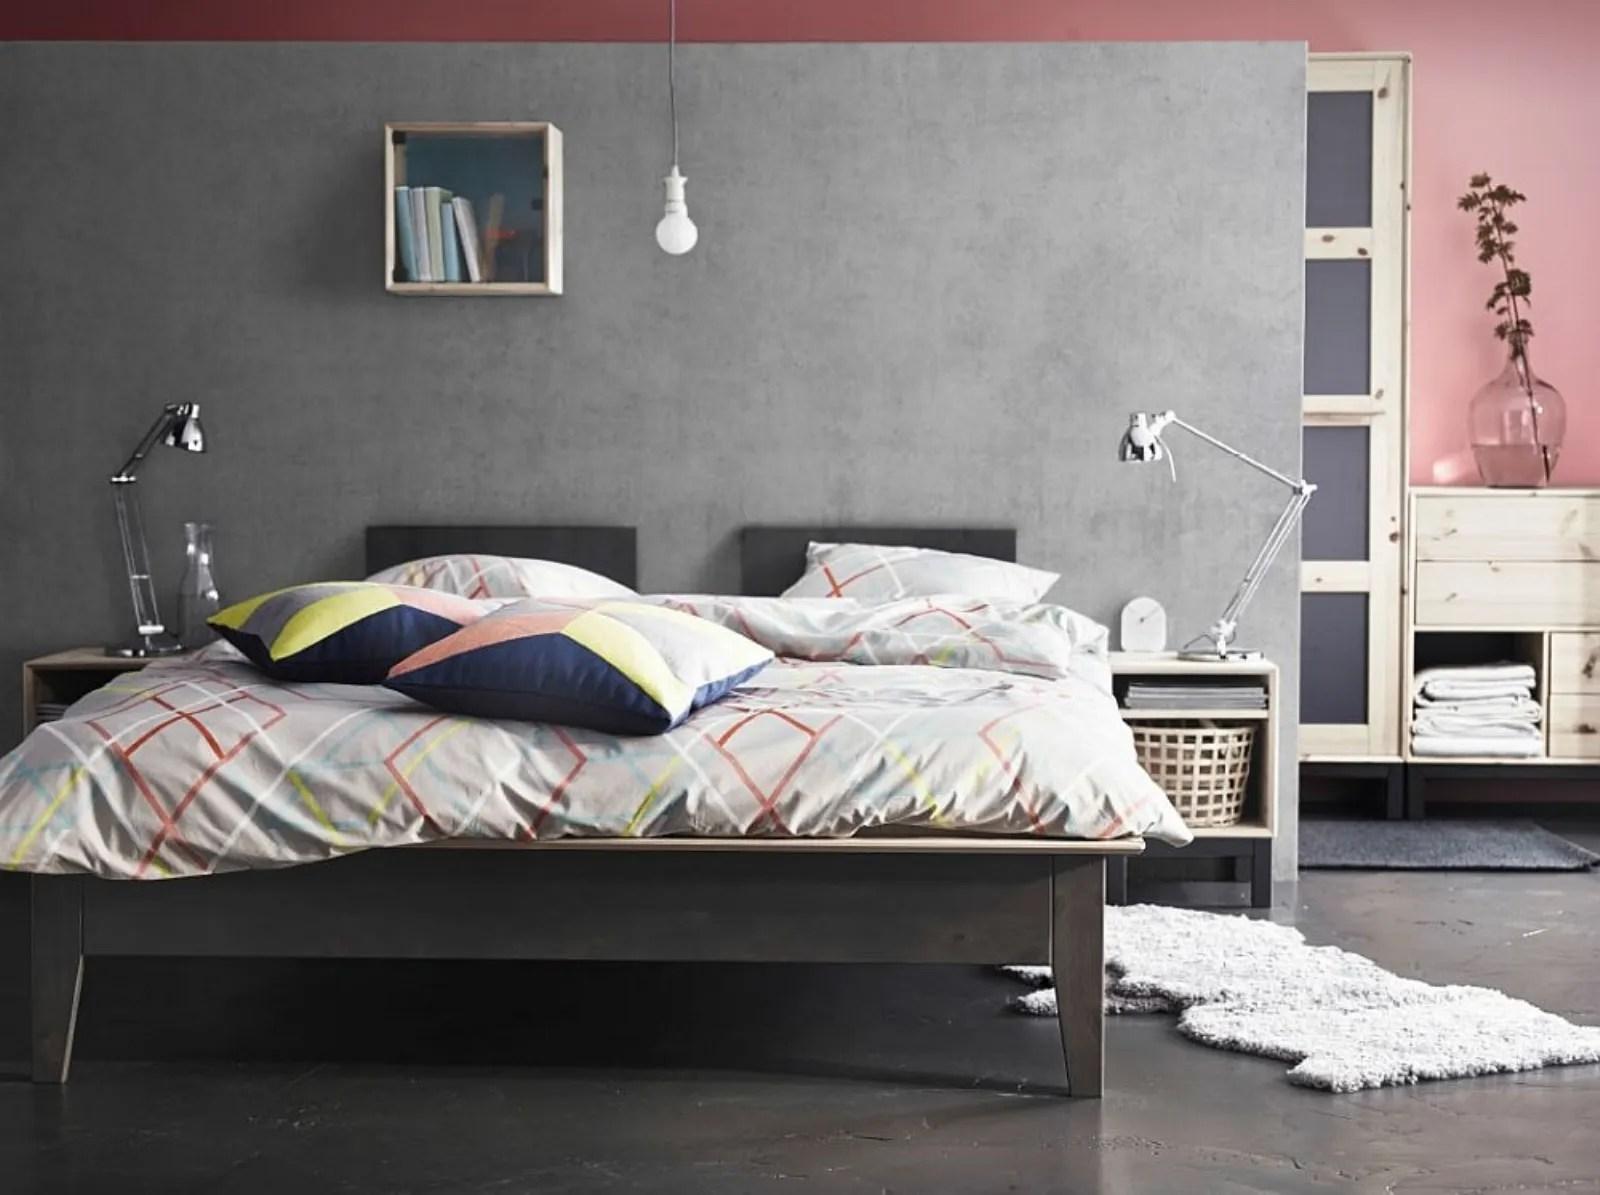 Scegliere l'armadio giusto aiuta a migliorarne l'aspetto e, il più delle volte, alla gestione dello spazio. Ikea Camera Da Letto Economica E Funzionale